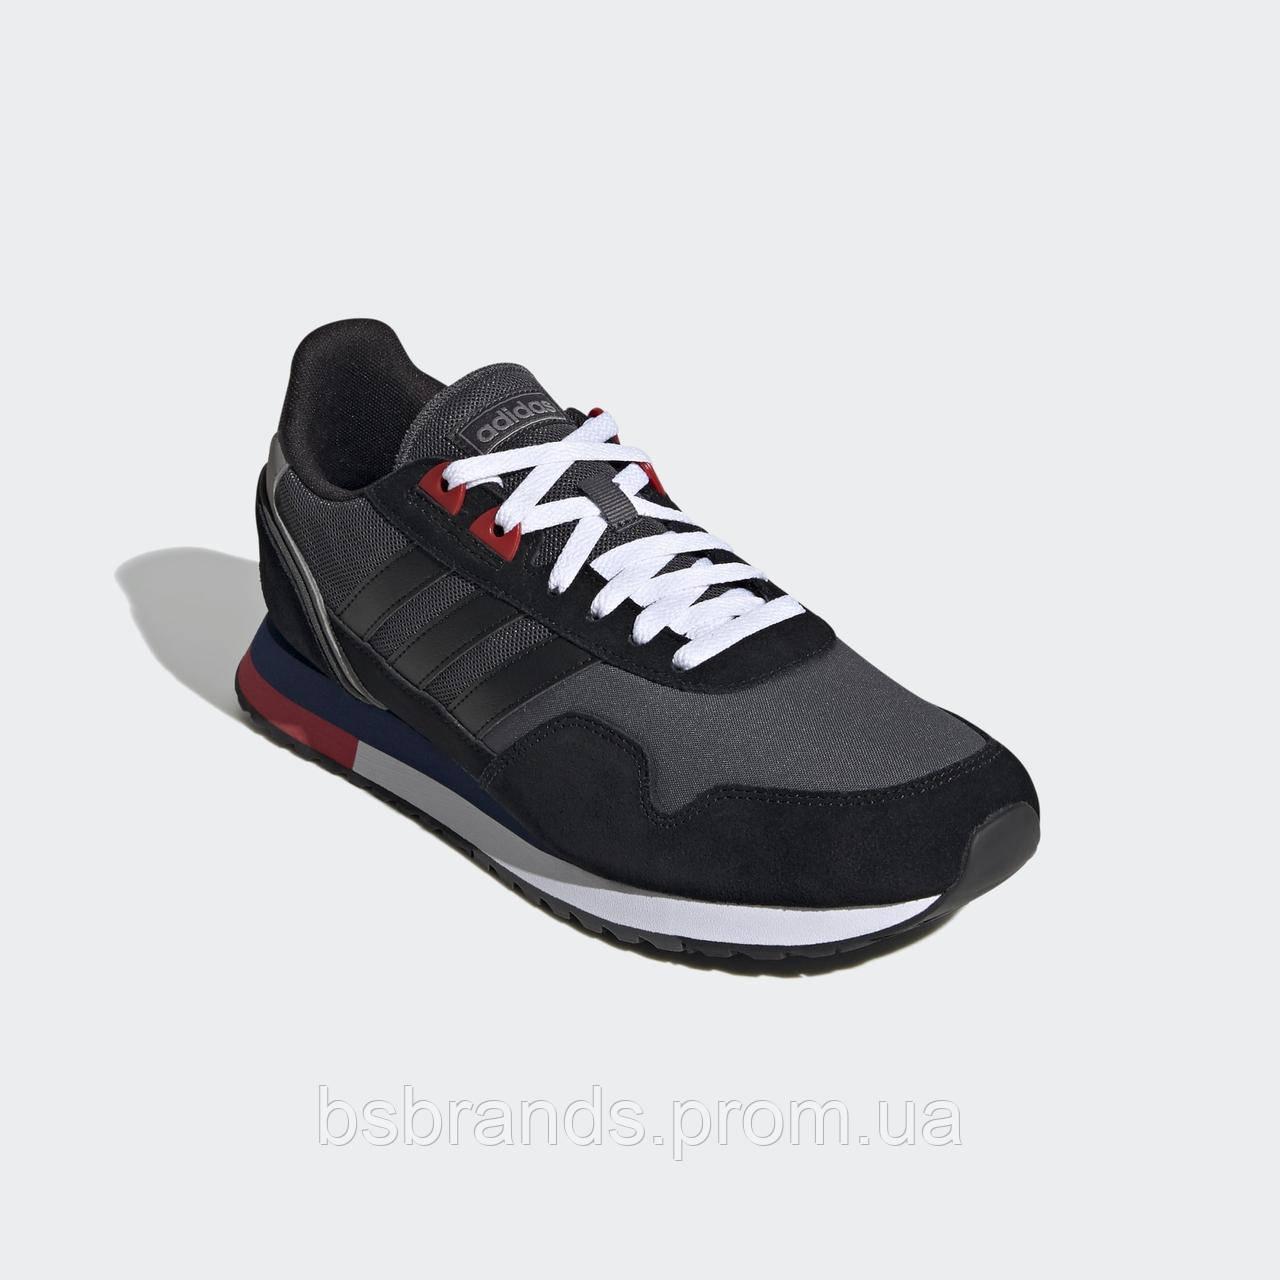 Мужские кроссовки adidas 8K 2020 EH1429